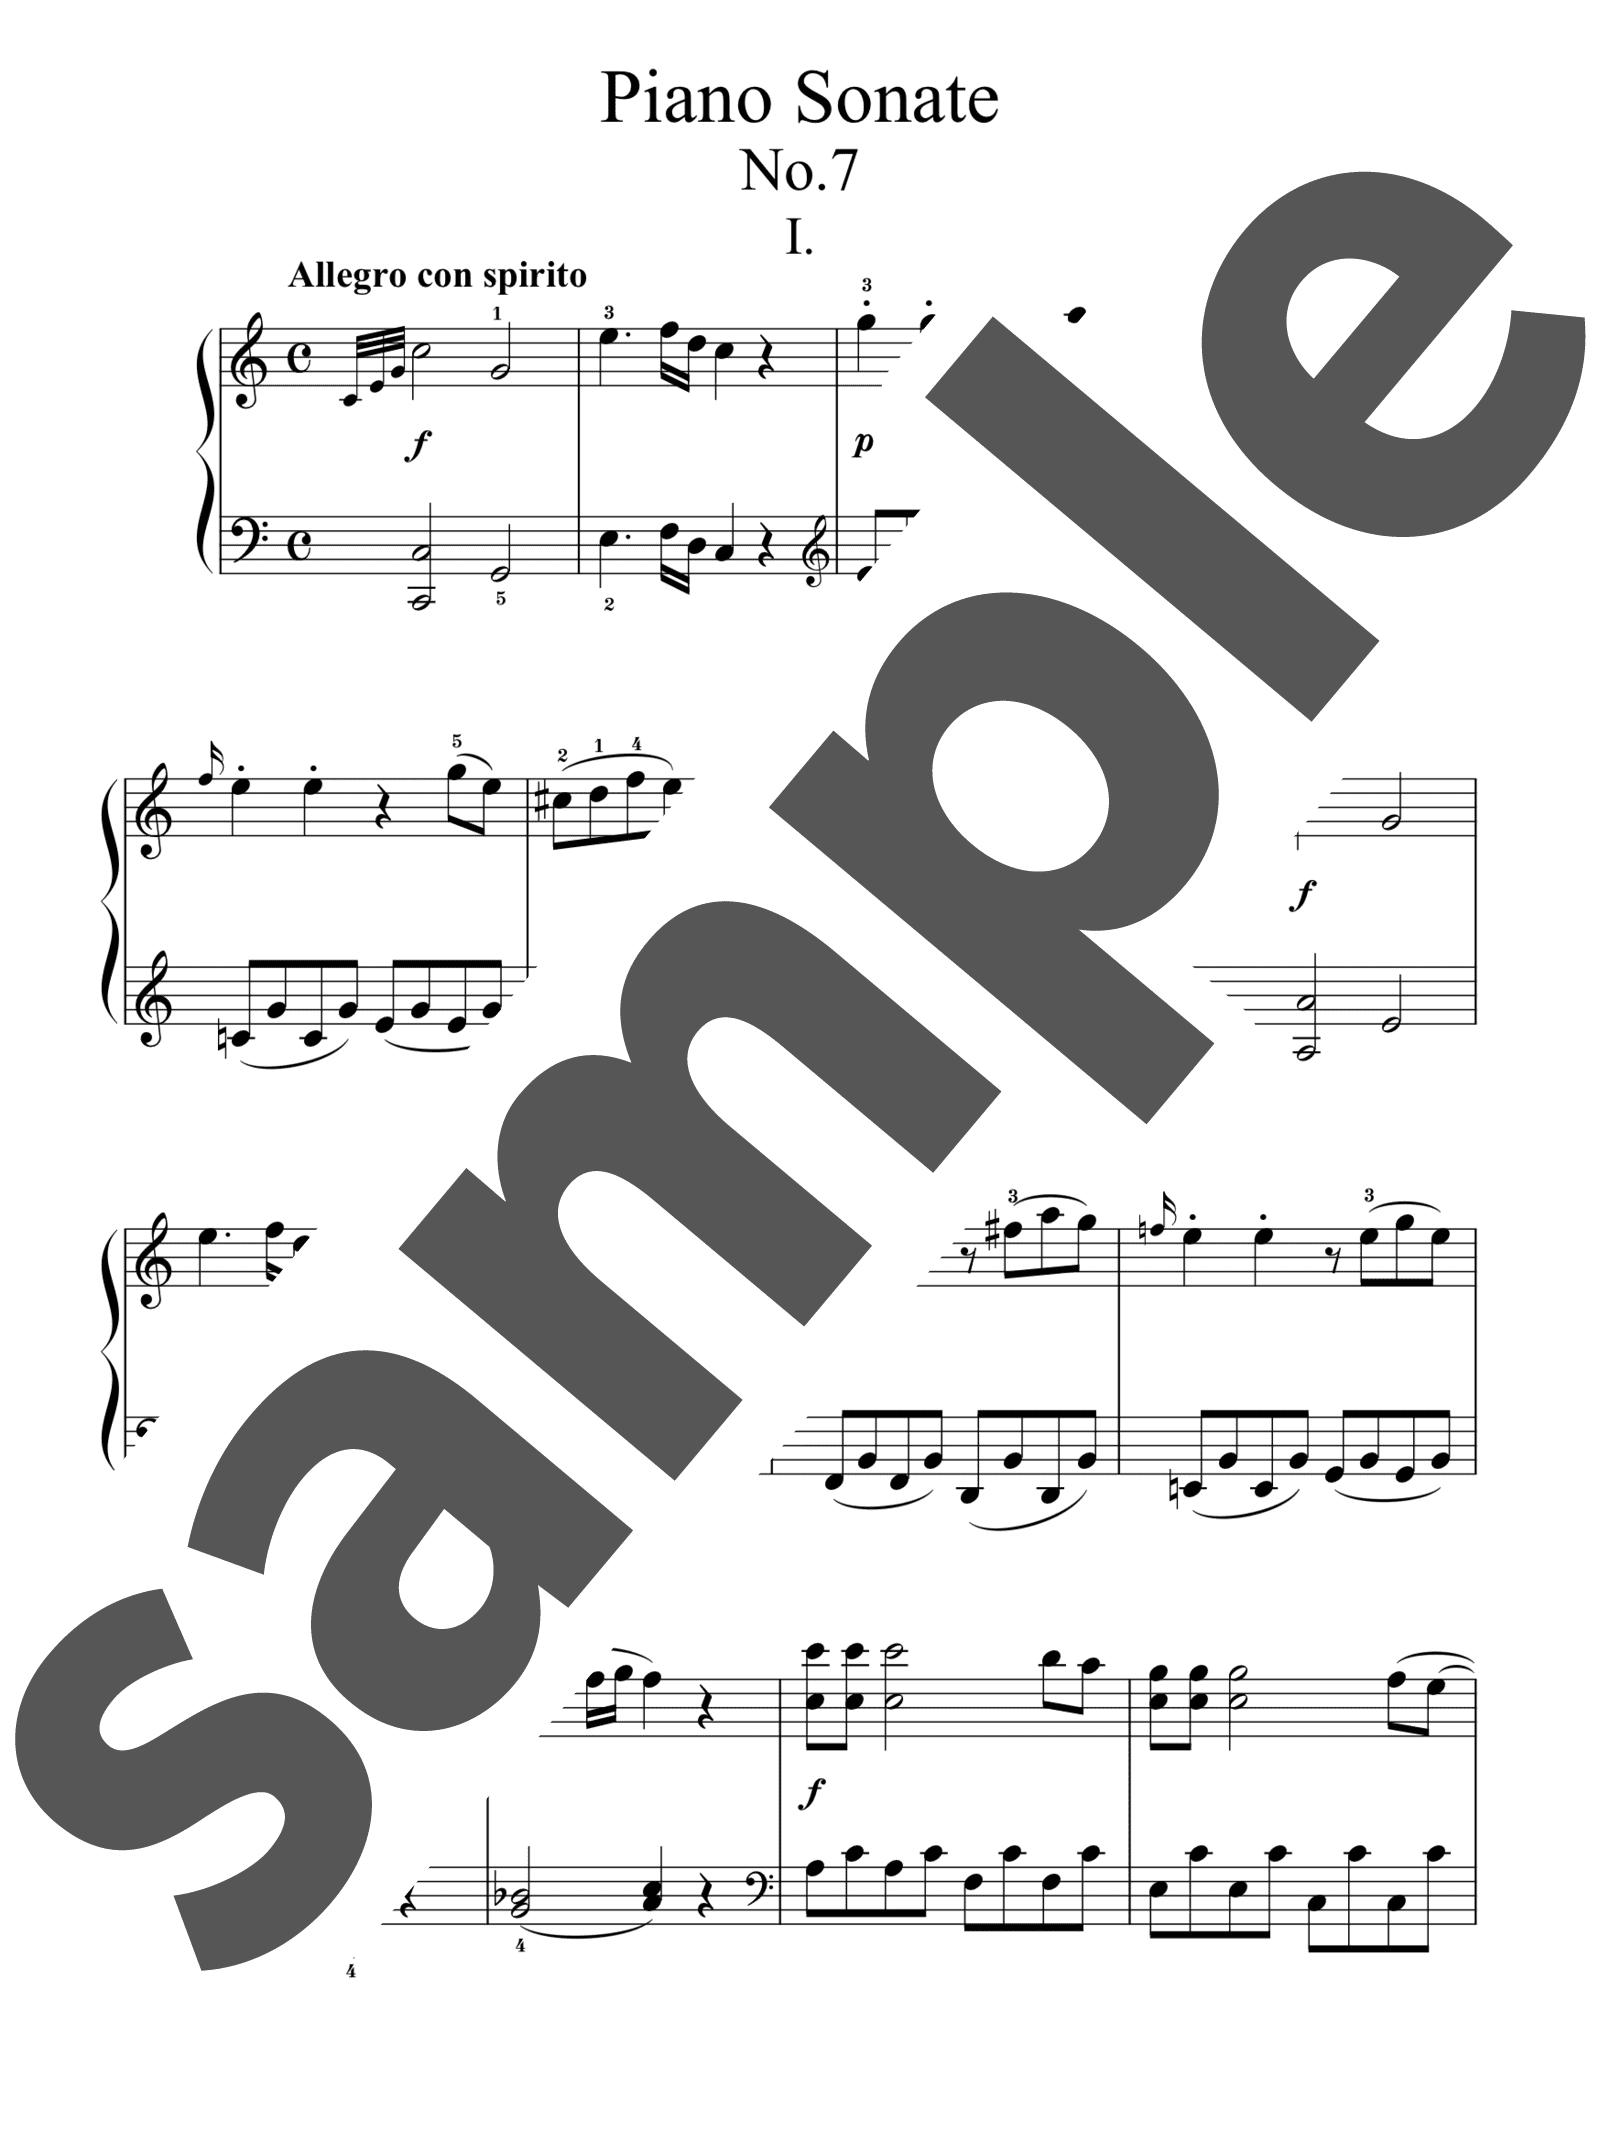 「ピアノ・ソナタ 第7番 ハ長調 第1楽章」のサンプル楽譜